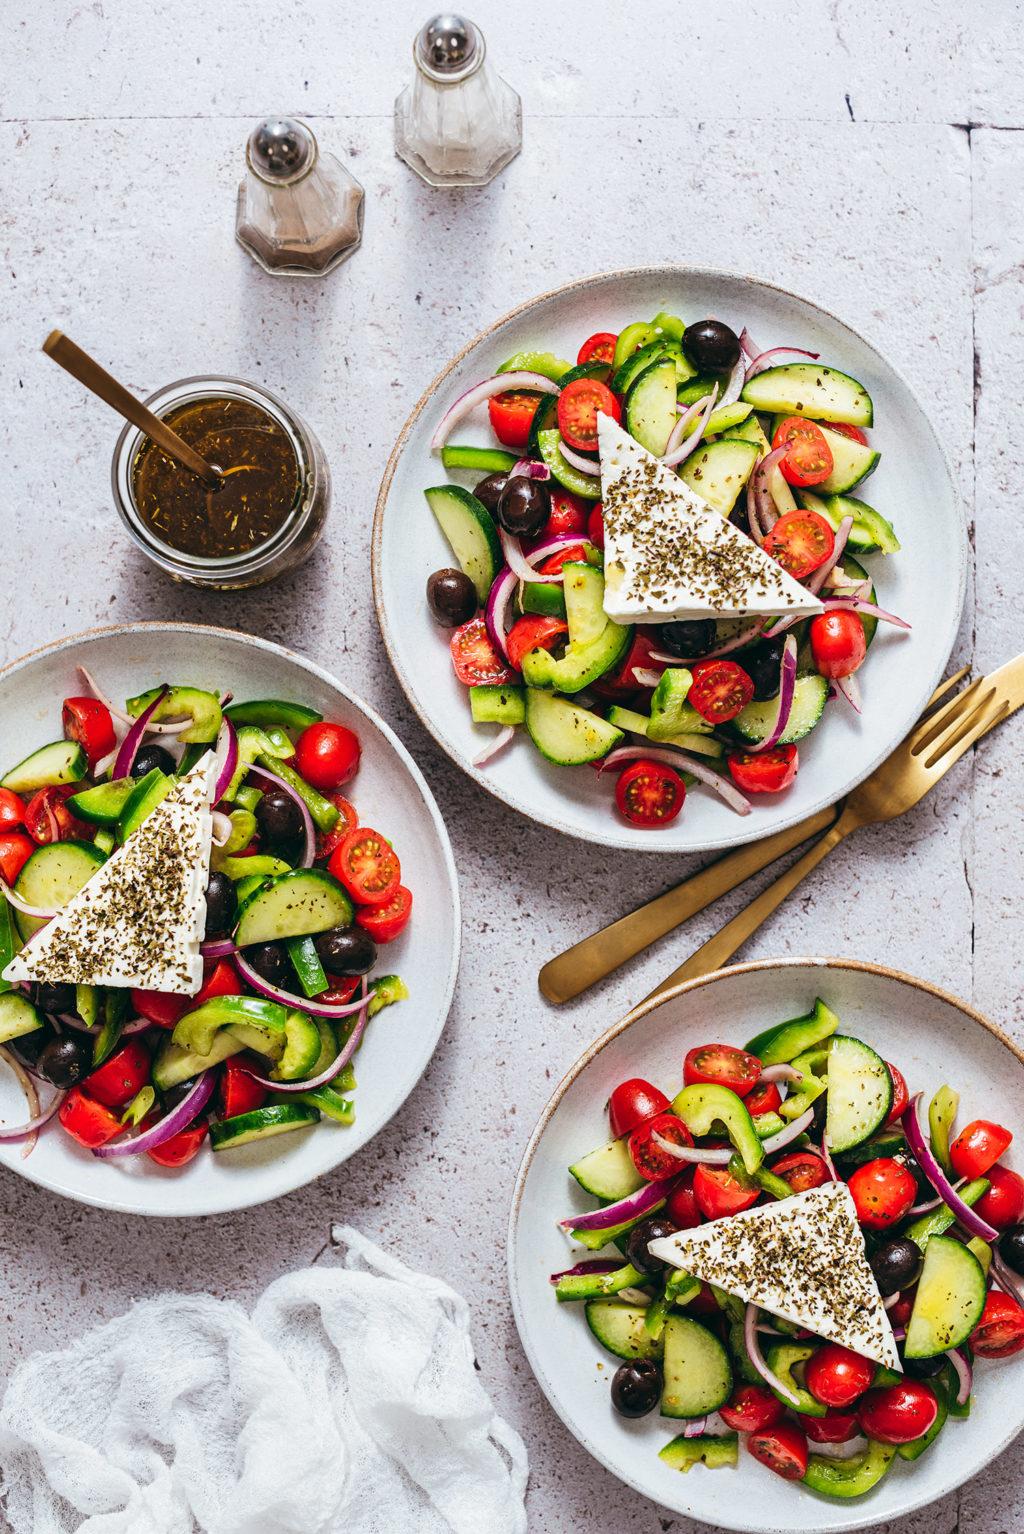 Salade grecque recette traditionnelle - Lilie Bakery